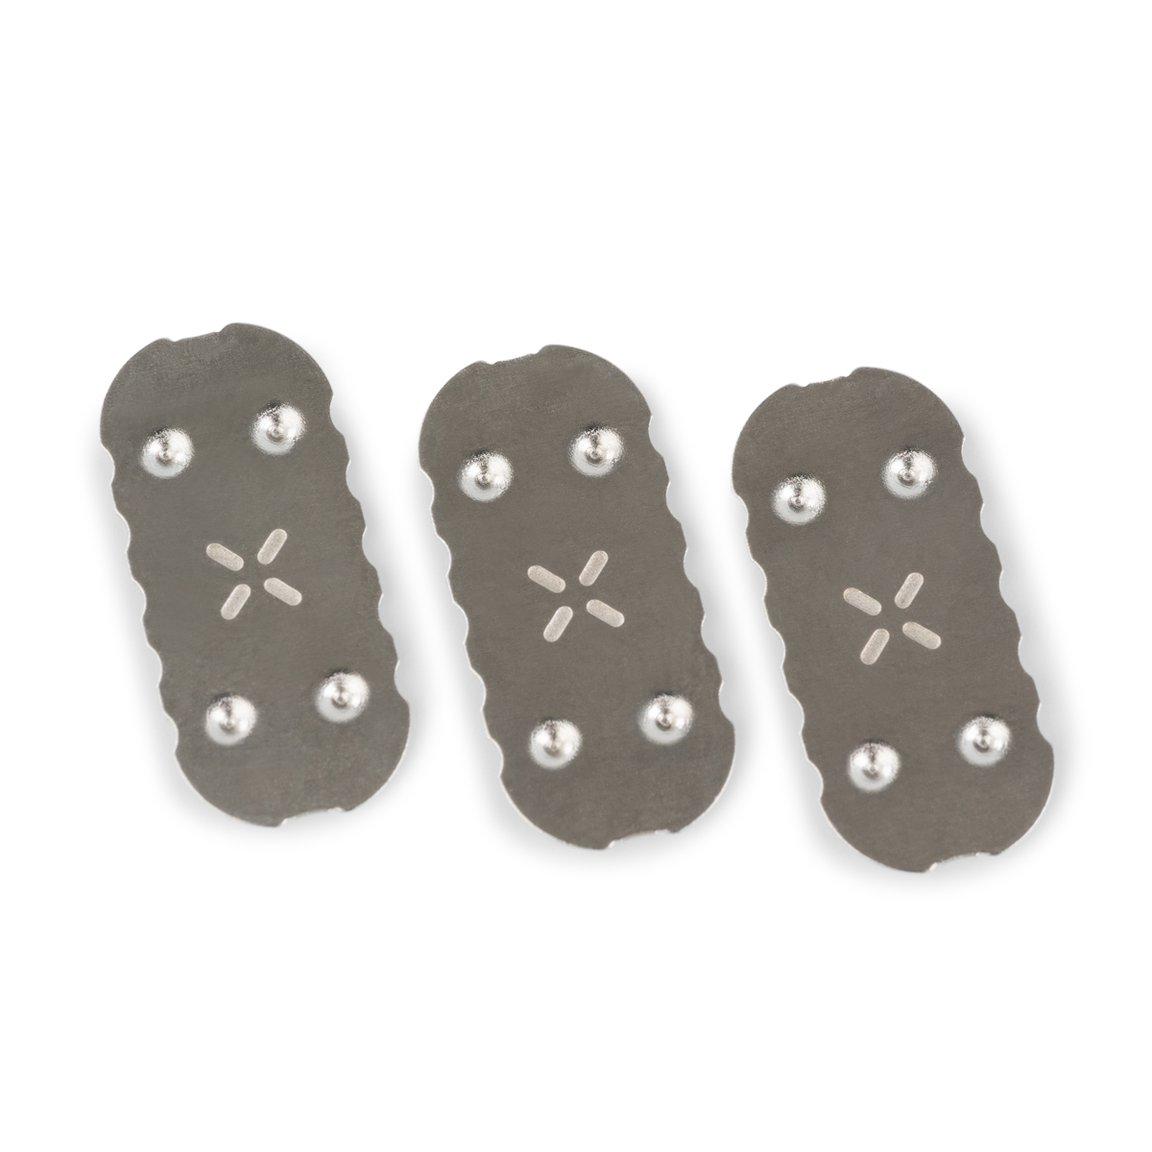 Conjunto c/ 3 Telas p/ Vaporizador Pax 2 / Pax3 - Pax Labs